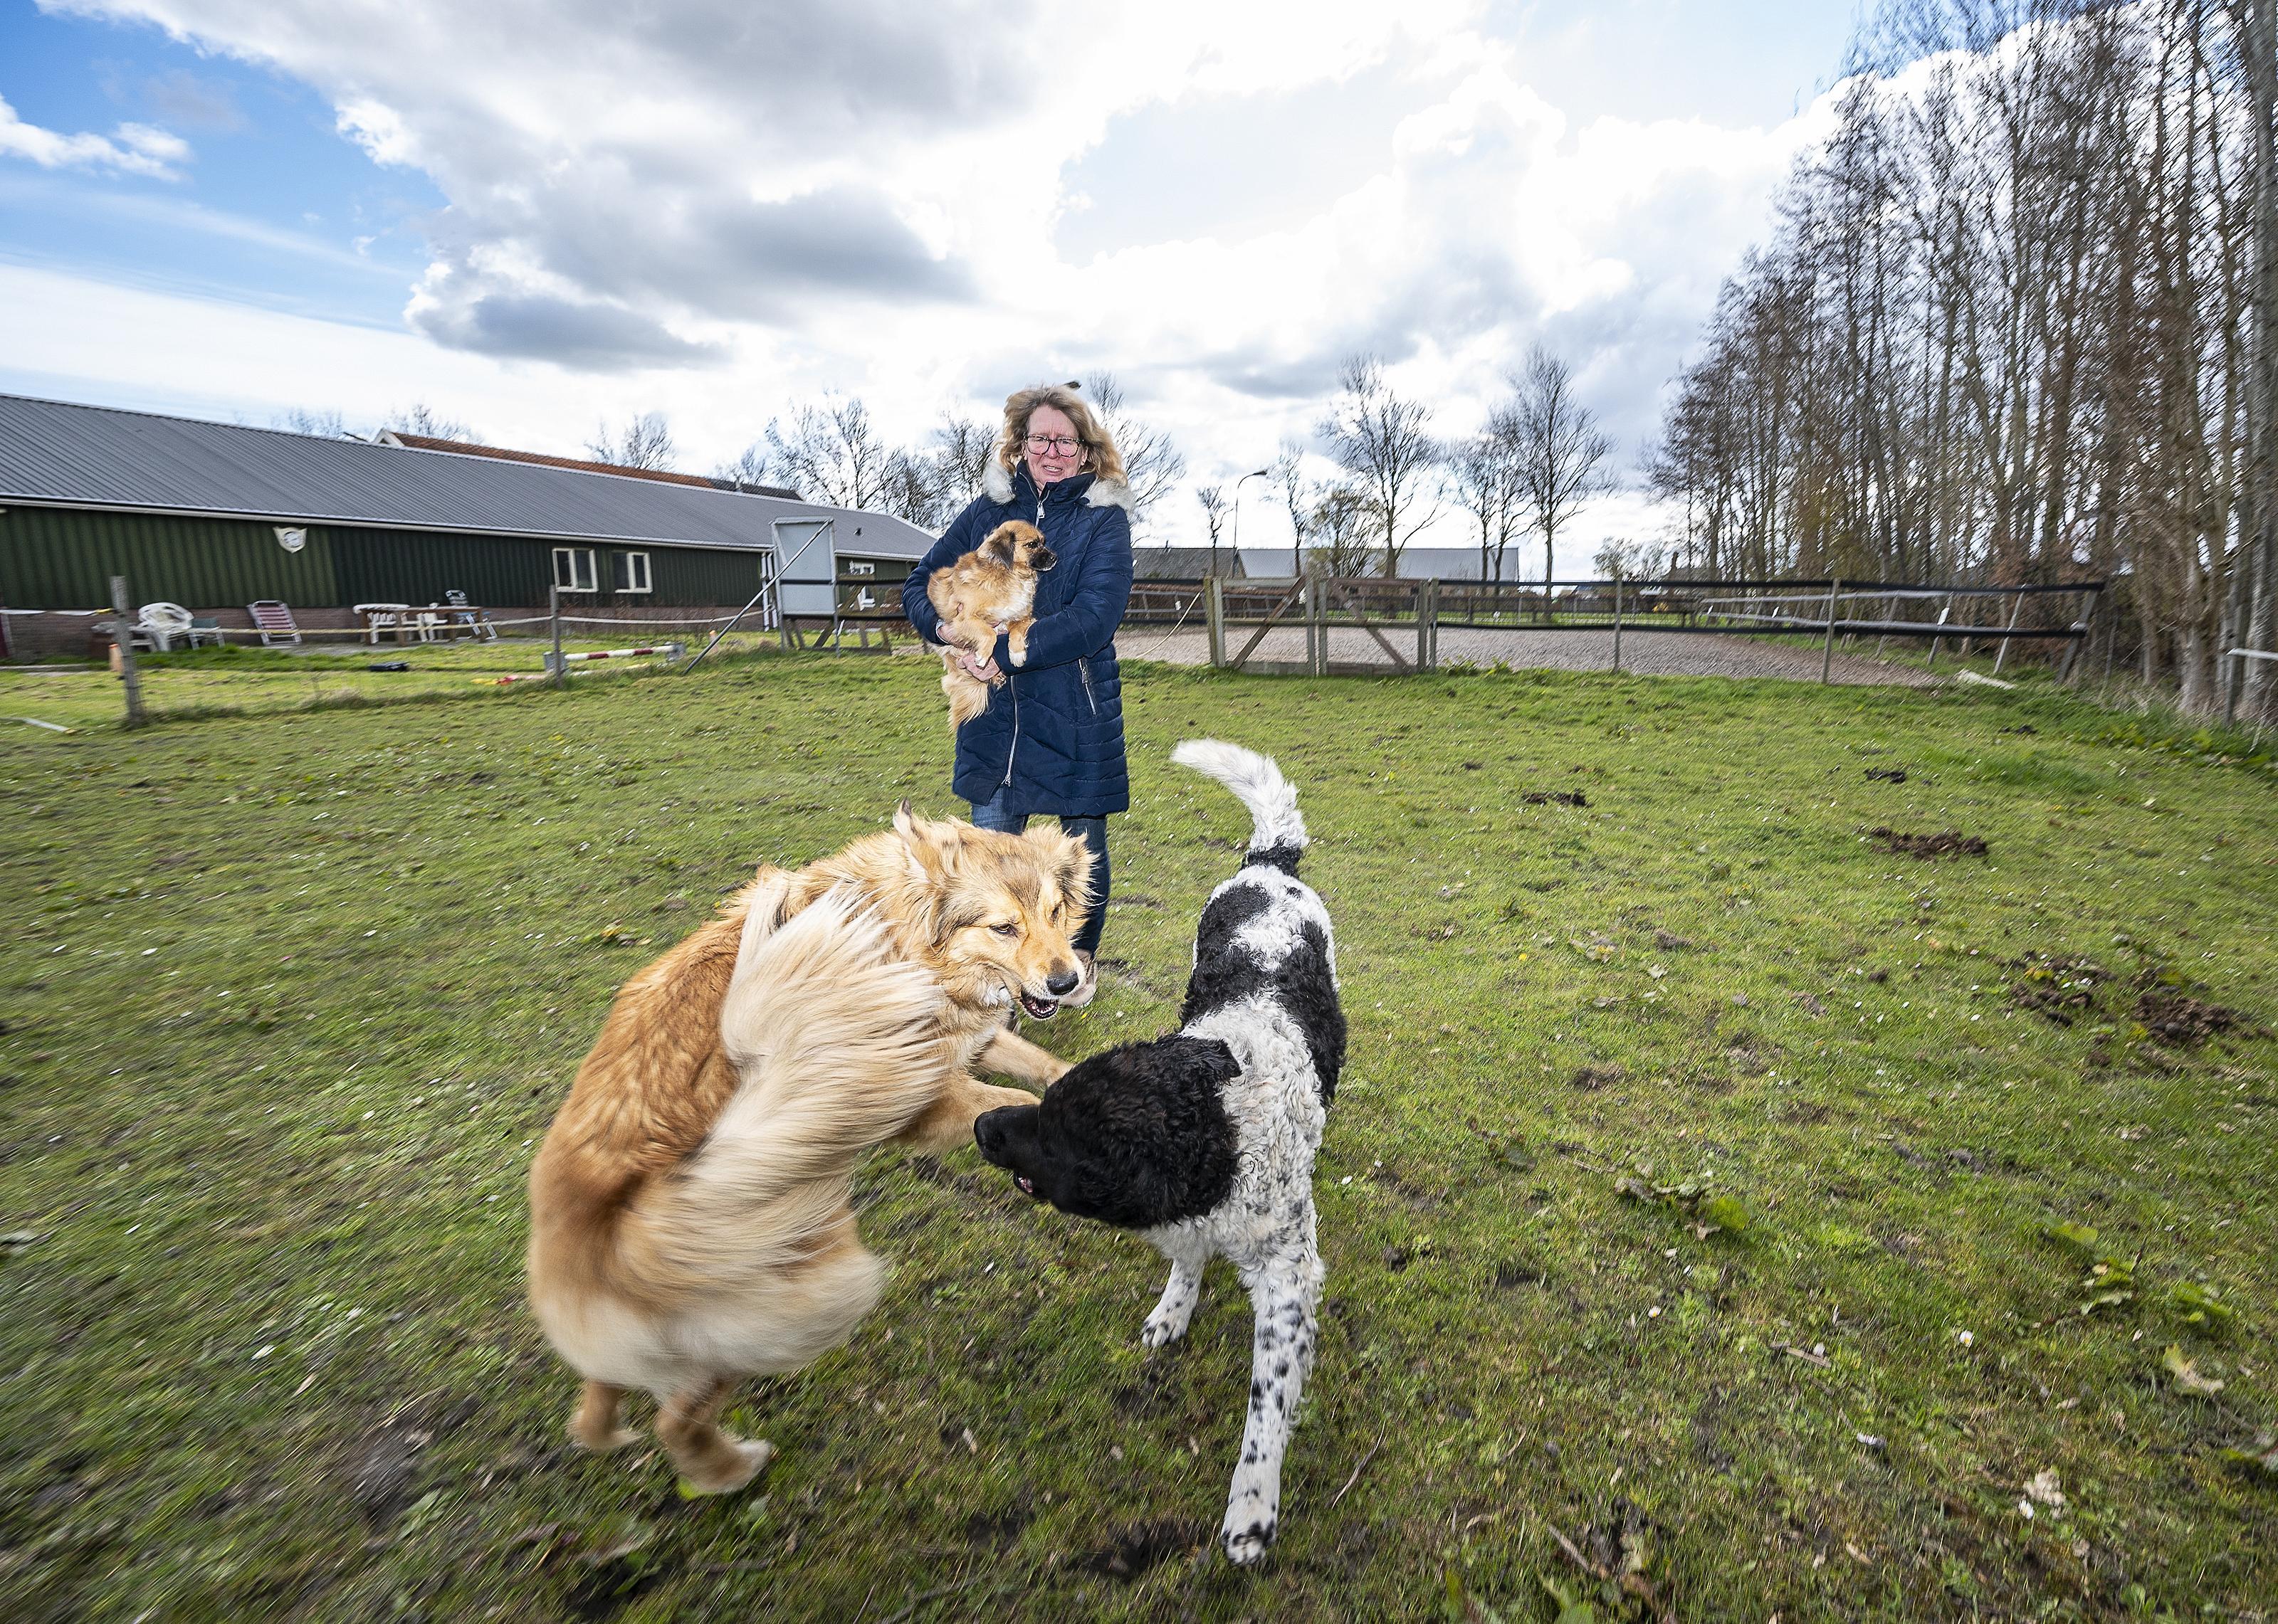 Binnen de bebouwde kom wel hondenbelasting, daarbuiten niet. In de Beemster vinden ze het maar vreemd: 'Ik wil dan wel een losloopveld voor Gaston'